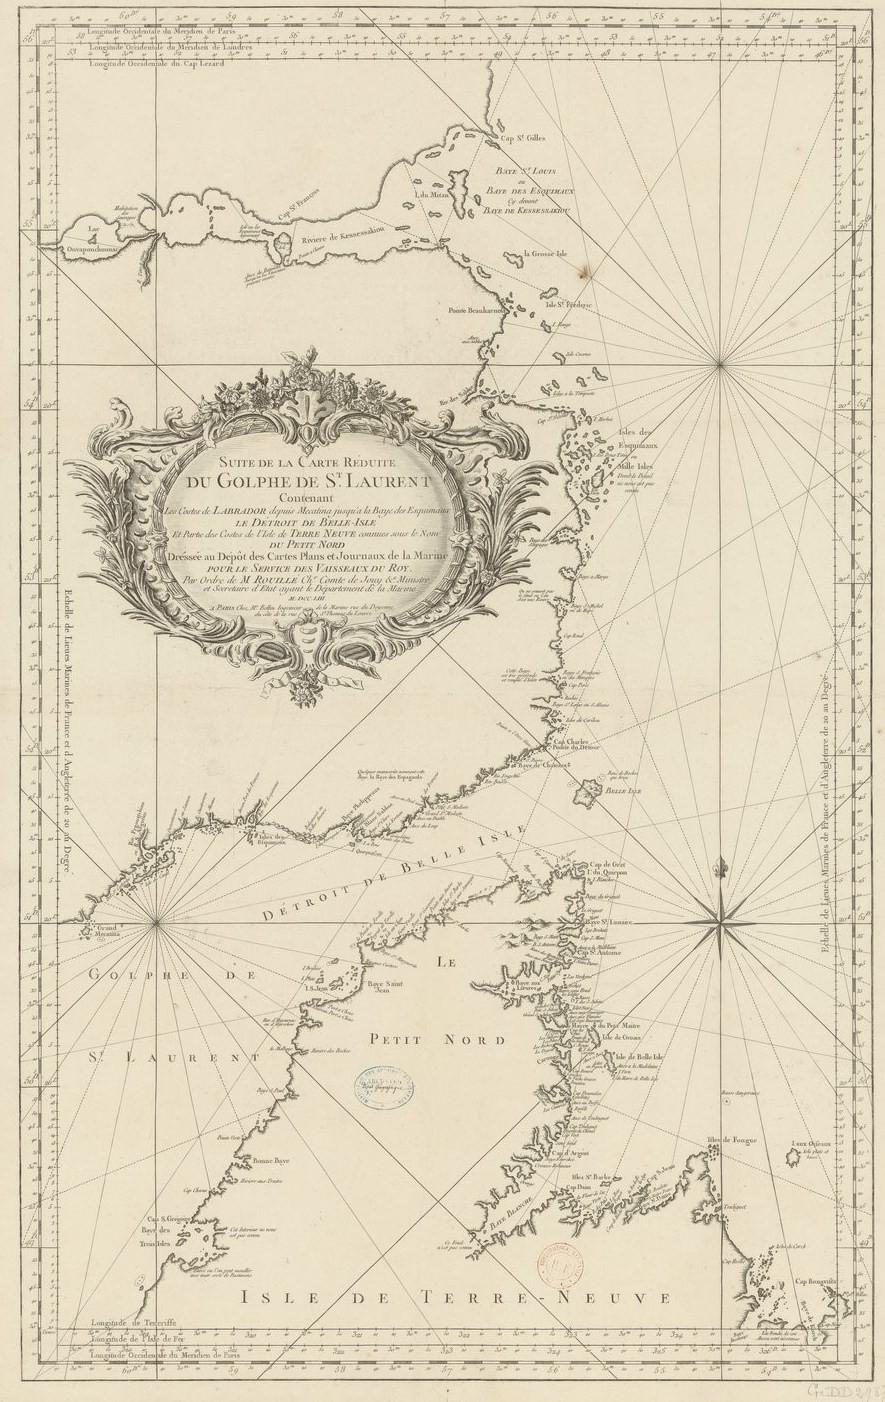 Carte marine française de Bellin de 1753 des côtes du labrador et du nord de Terre-Neuve